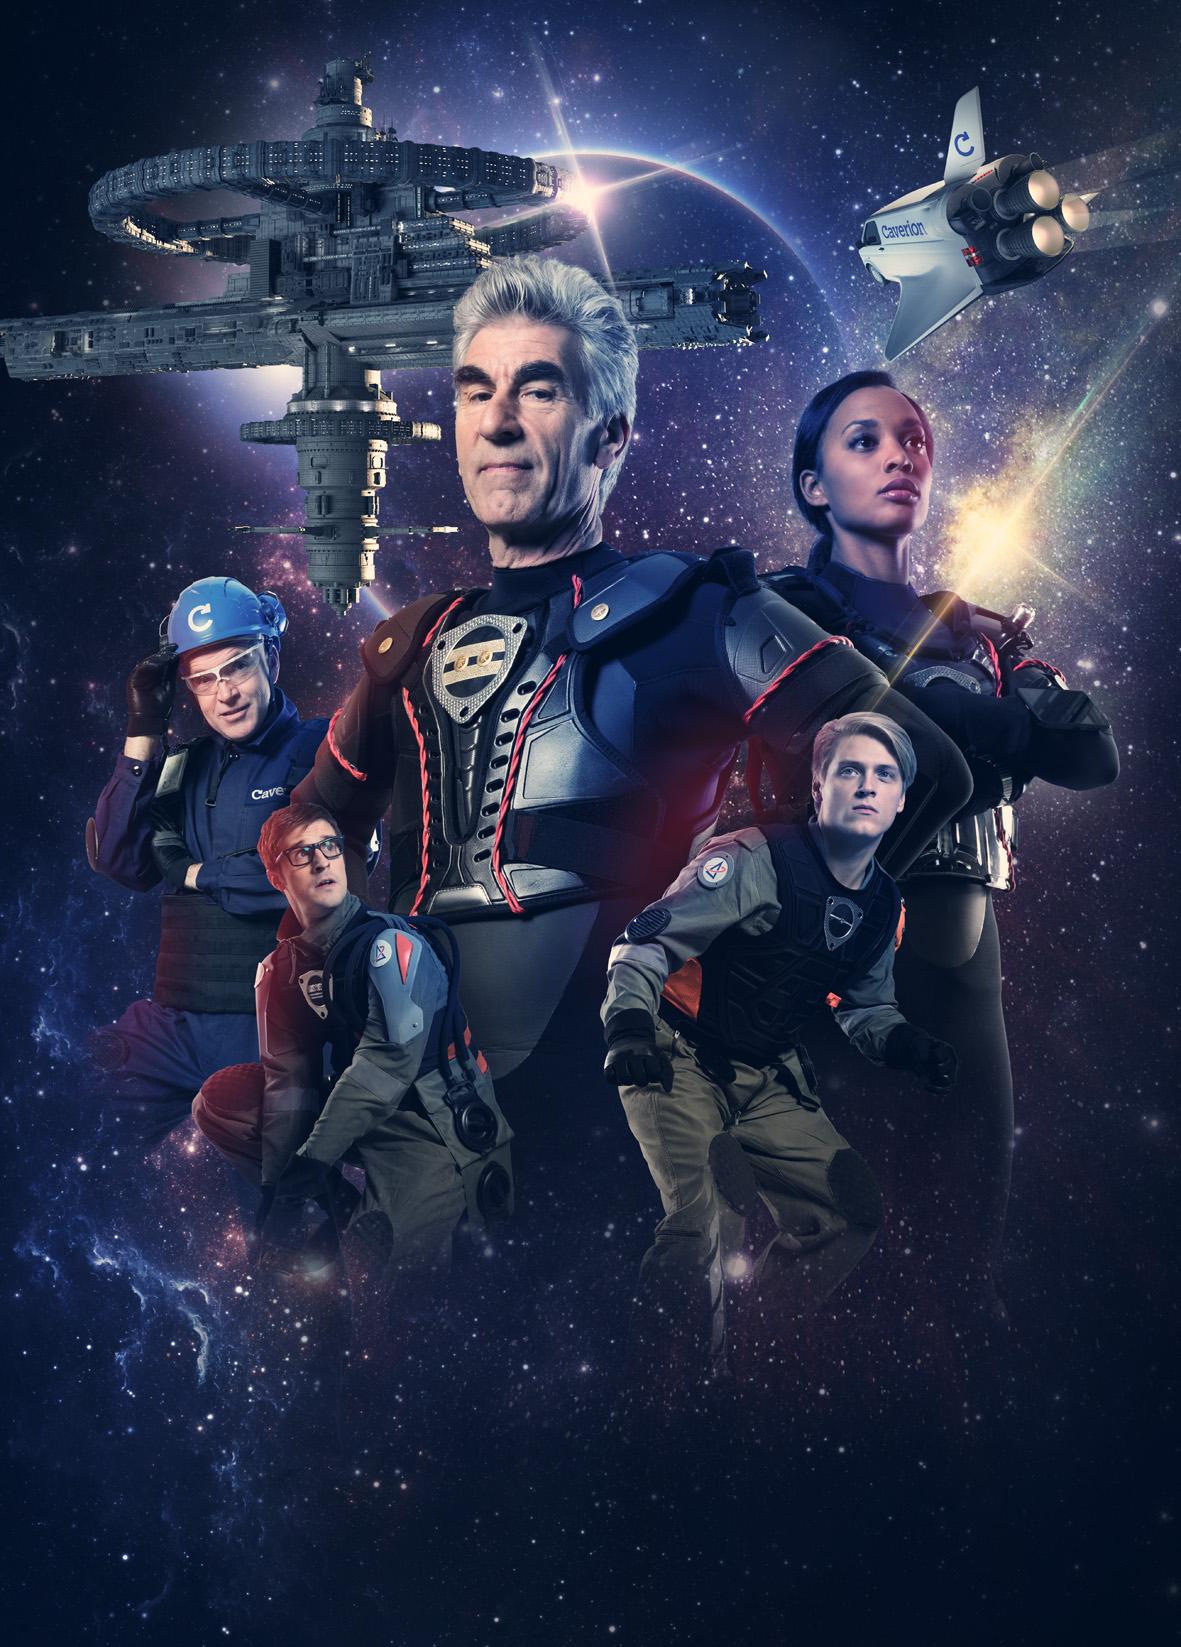 Caverion Space saga crew